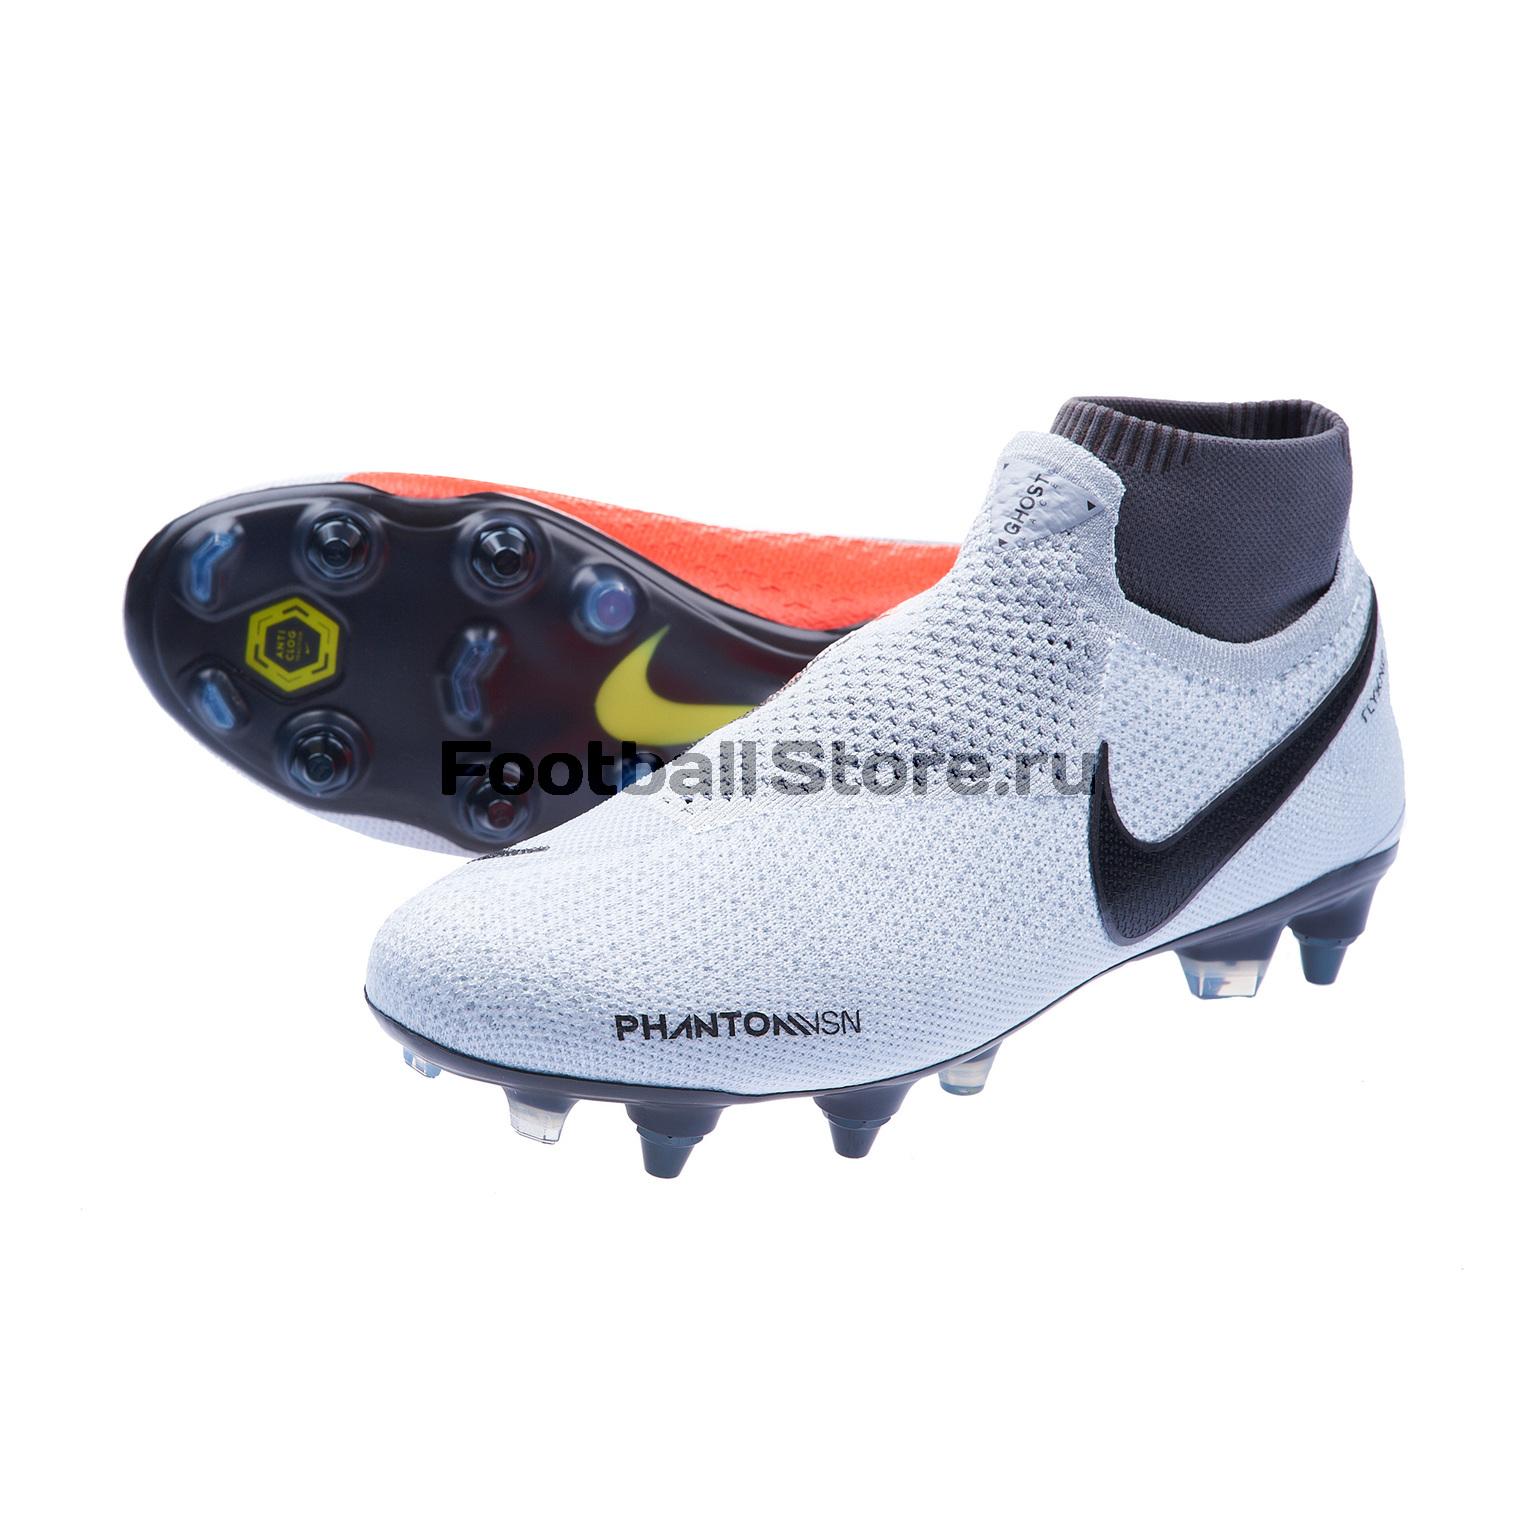 Бутсы Nike Phantom Vision Elite DF SG-Pro FC AO3264-060 – купить ... 312df731a7c